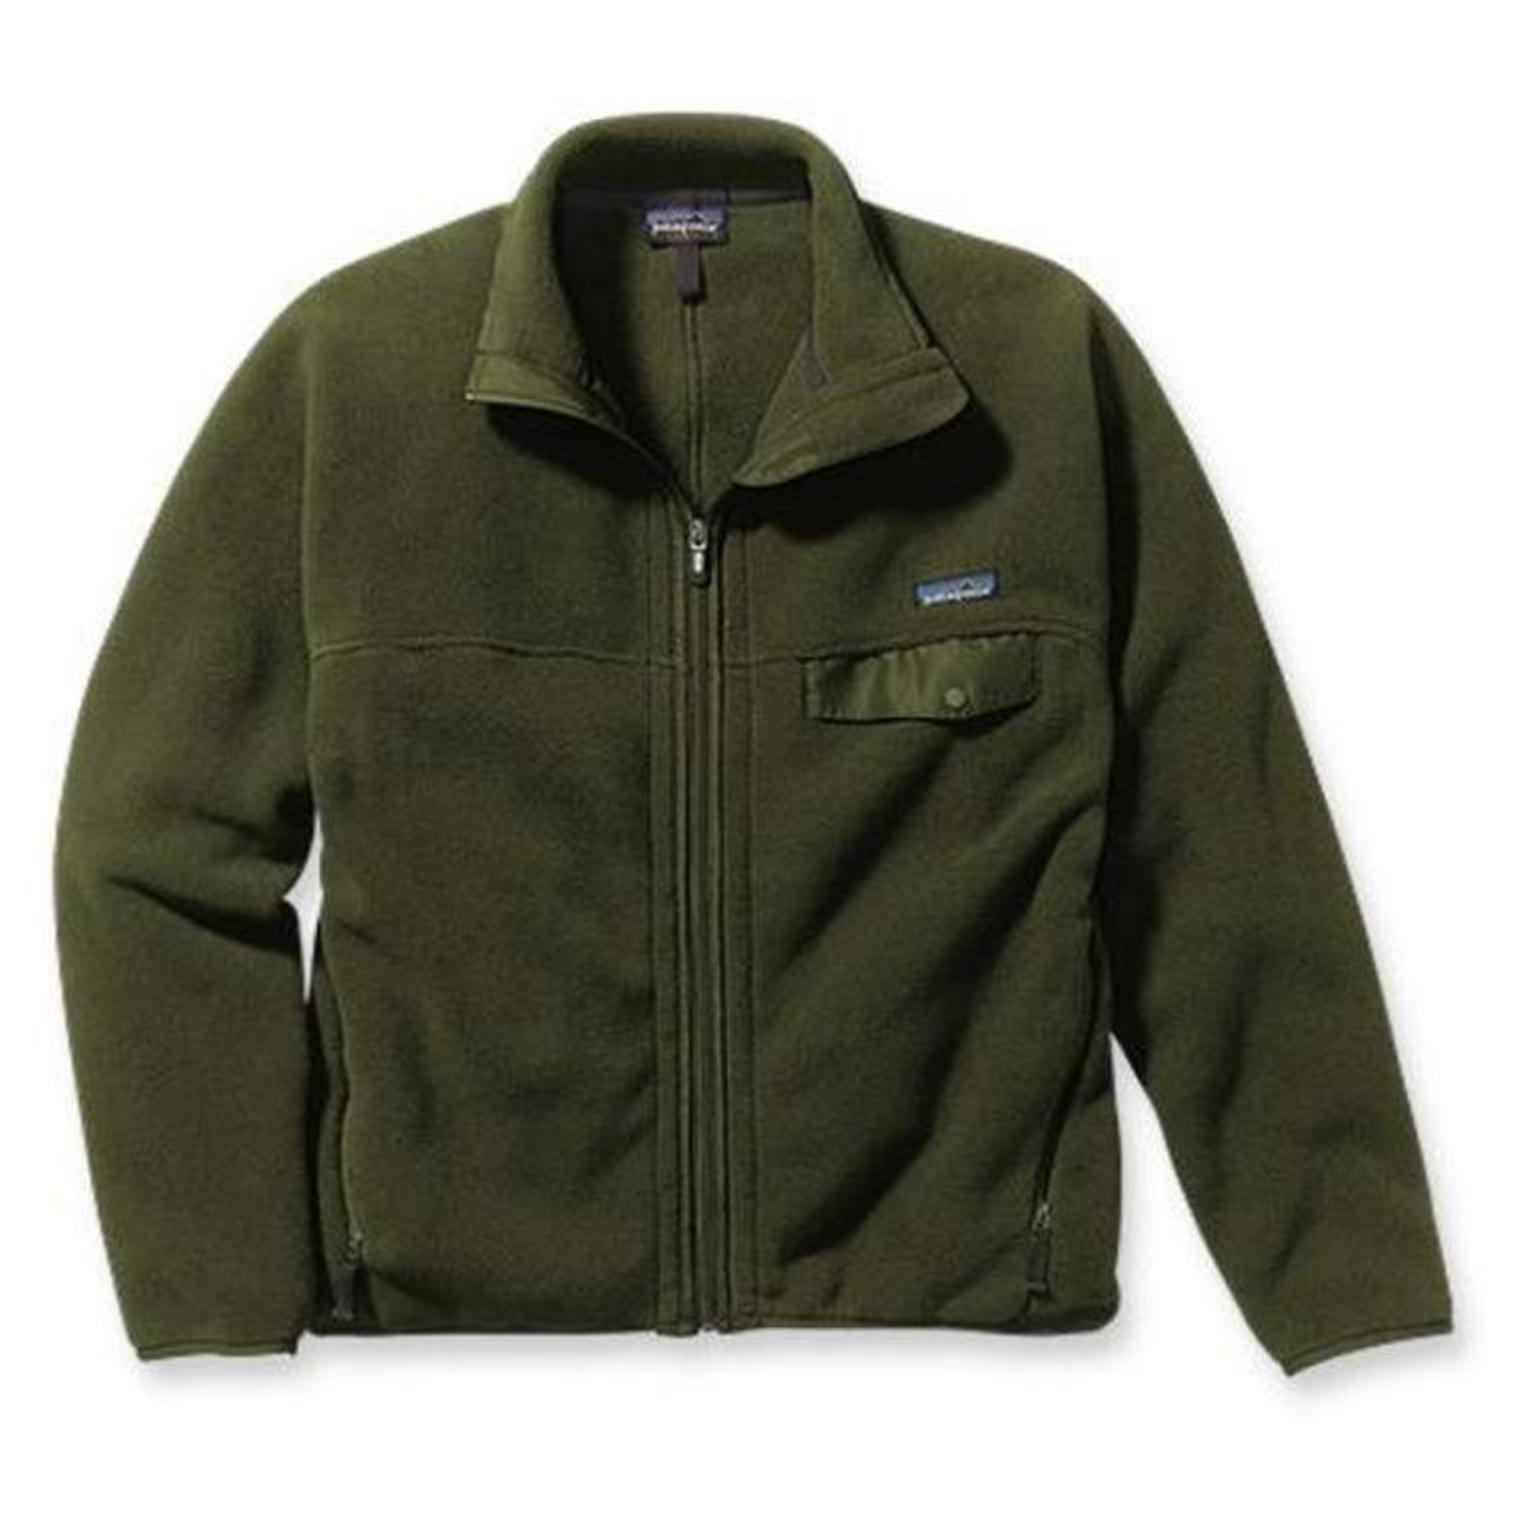 Patagonia Herren Fleece Fleece Fleece Jacke Snap zip (Andere Farbe und Gr. Fragen) 842bab